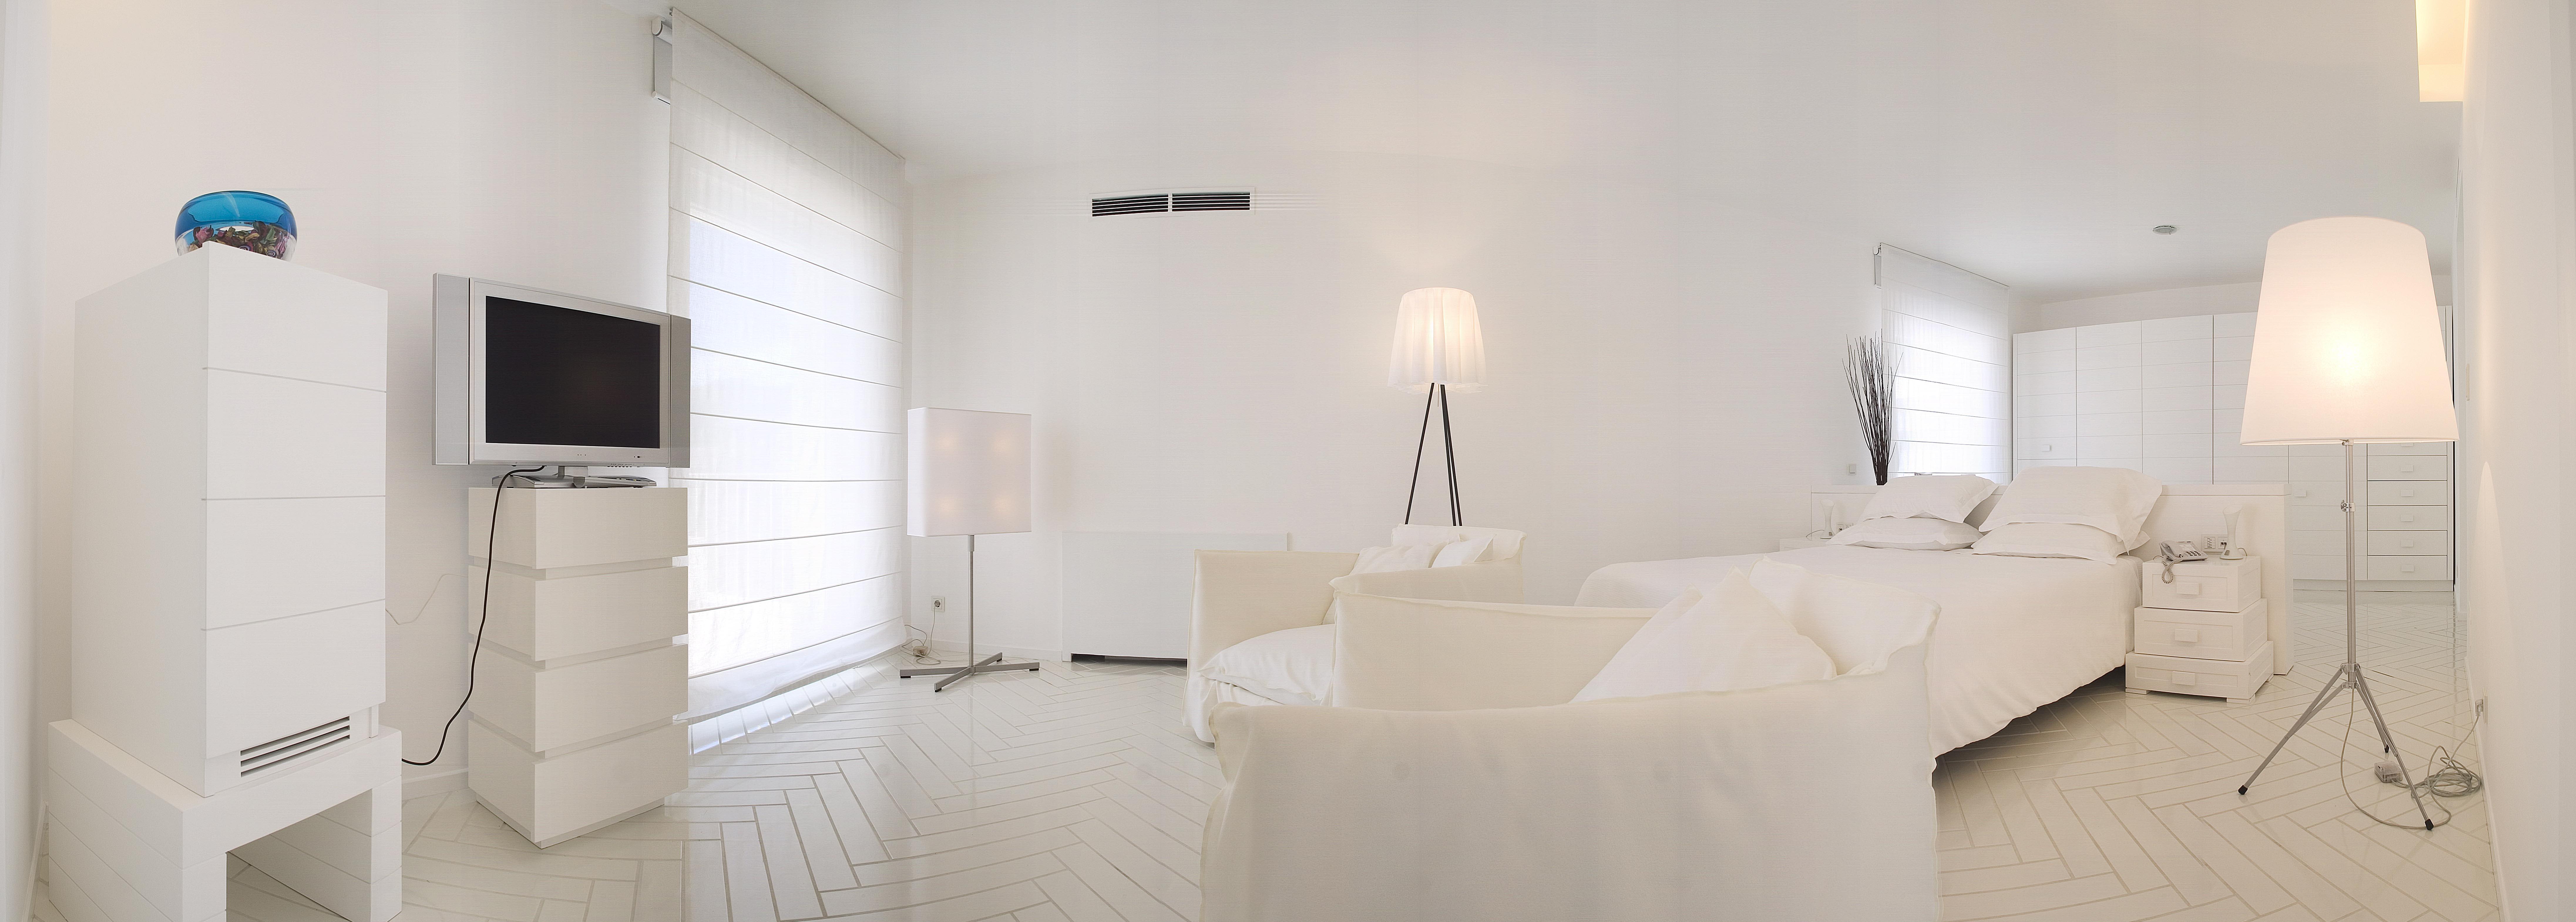 Elegante soggiorno di una suite minimal bianca